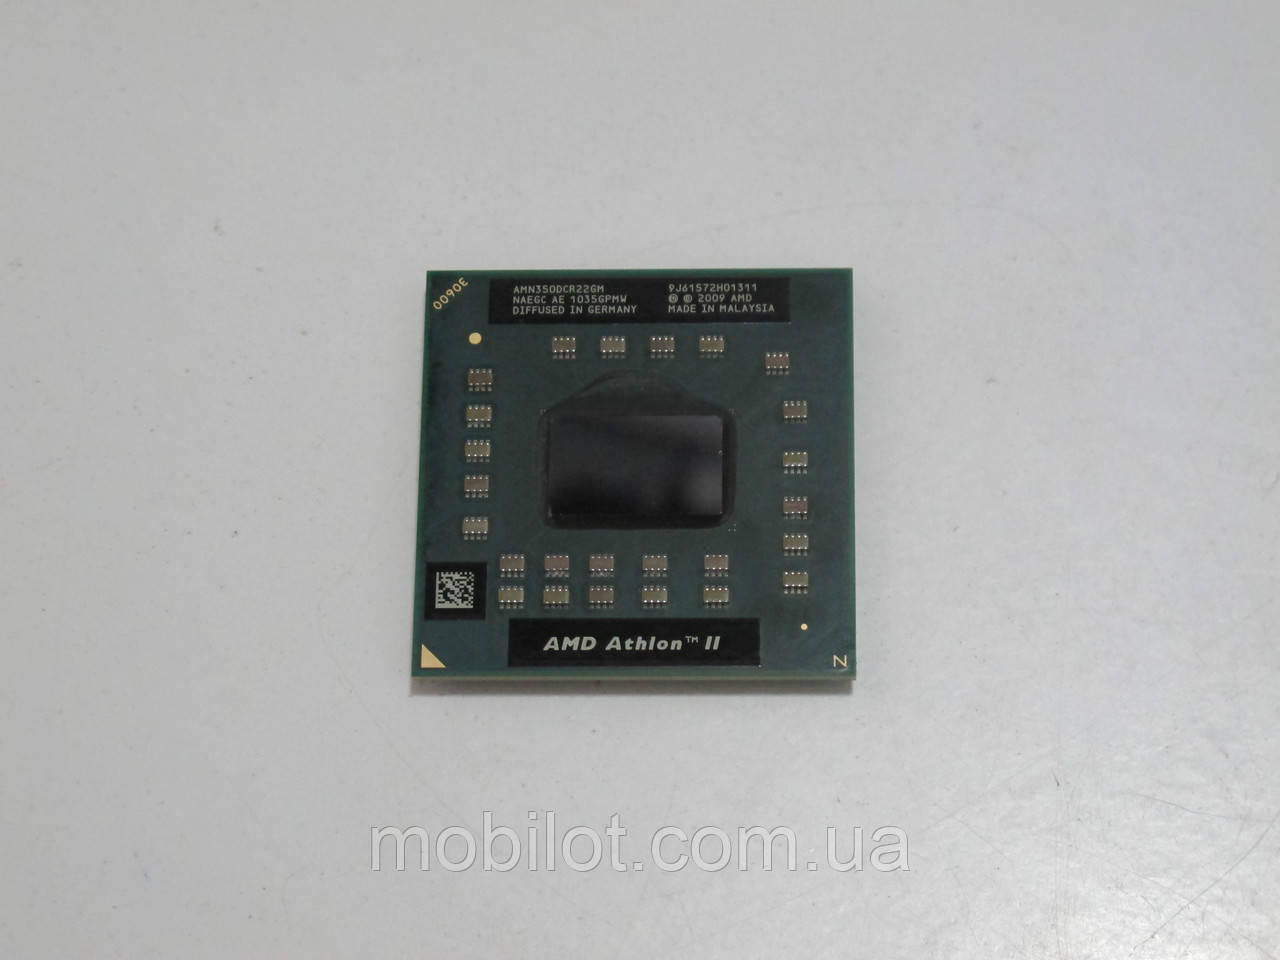 Процессор AMD Athlon II N350 (NZ-4147)